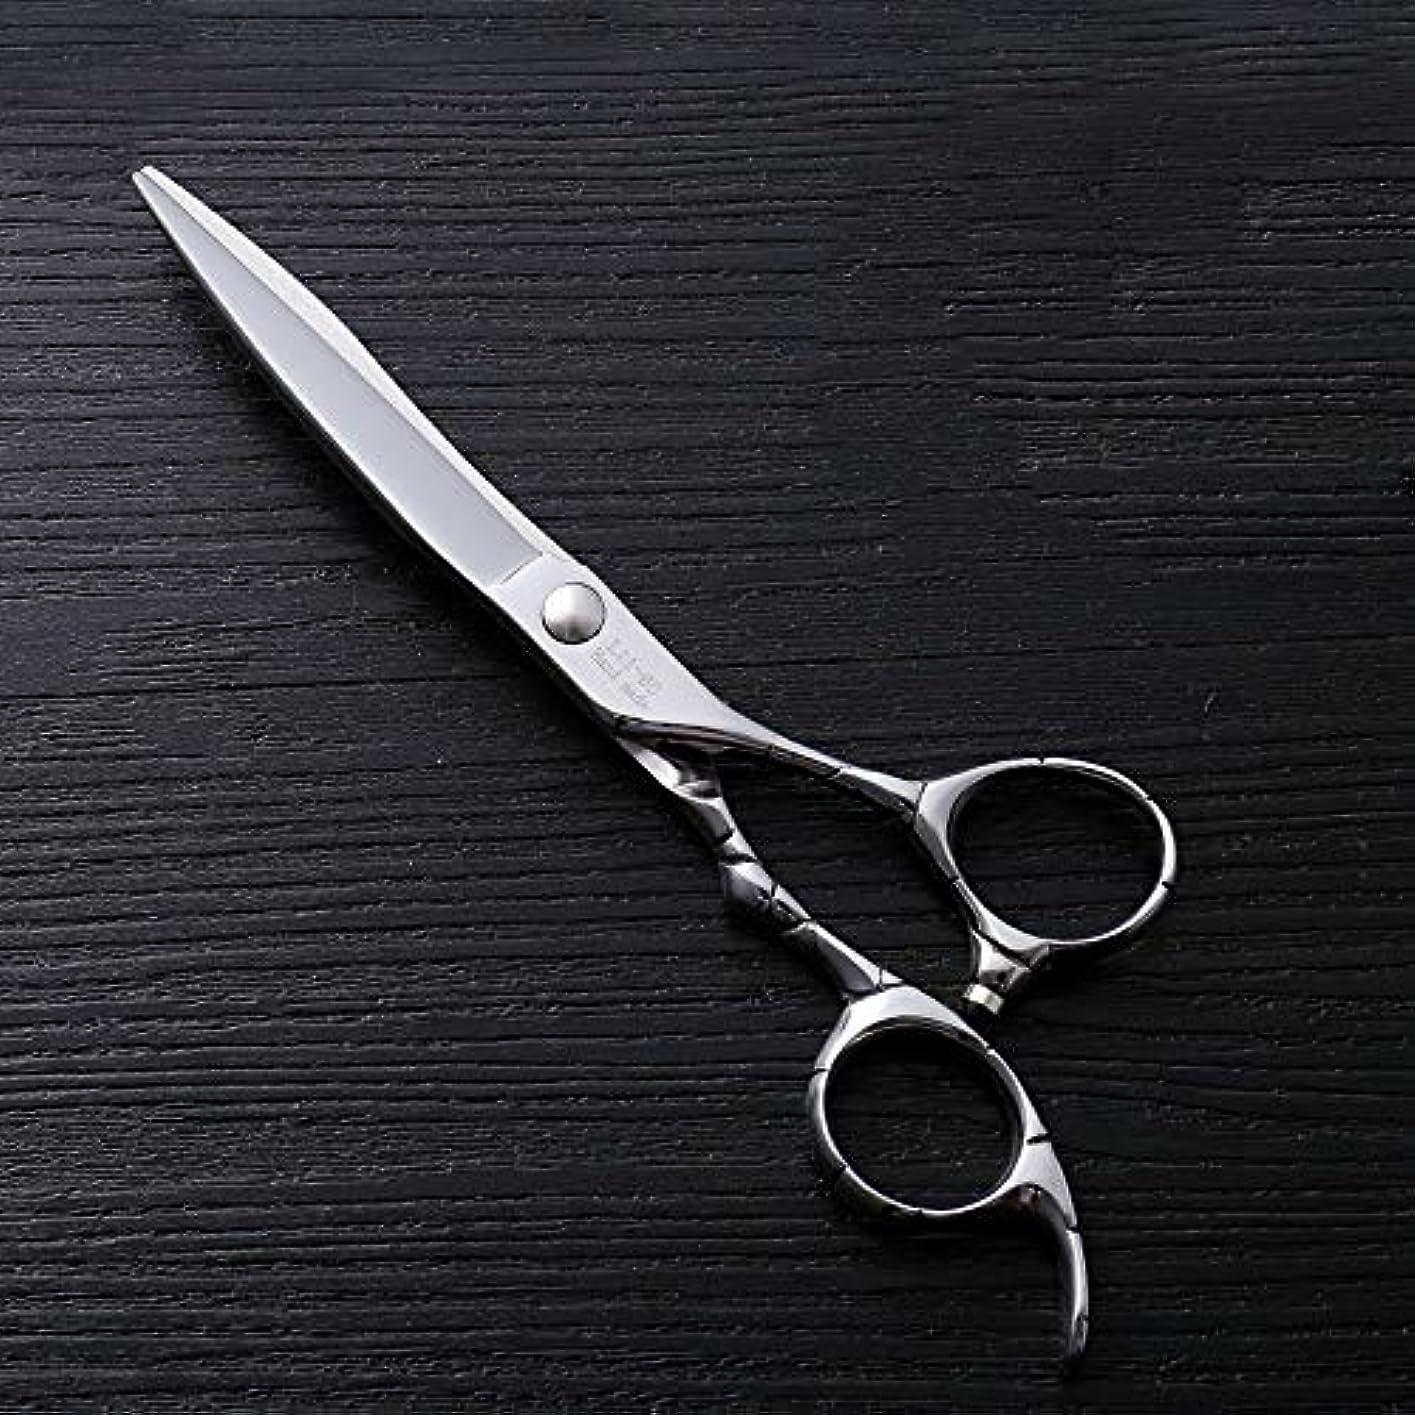 超高層ビルボウルこどもの宮殿Hairdressing 6インチファイントリムプロフェッショナルフラットせん断ハイエンドステンレススチール理髪はさみヘアカットシアーステンレス理髪はさみ (色 : Silver)